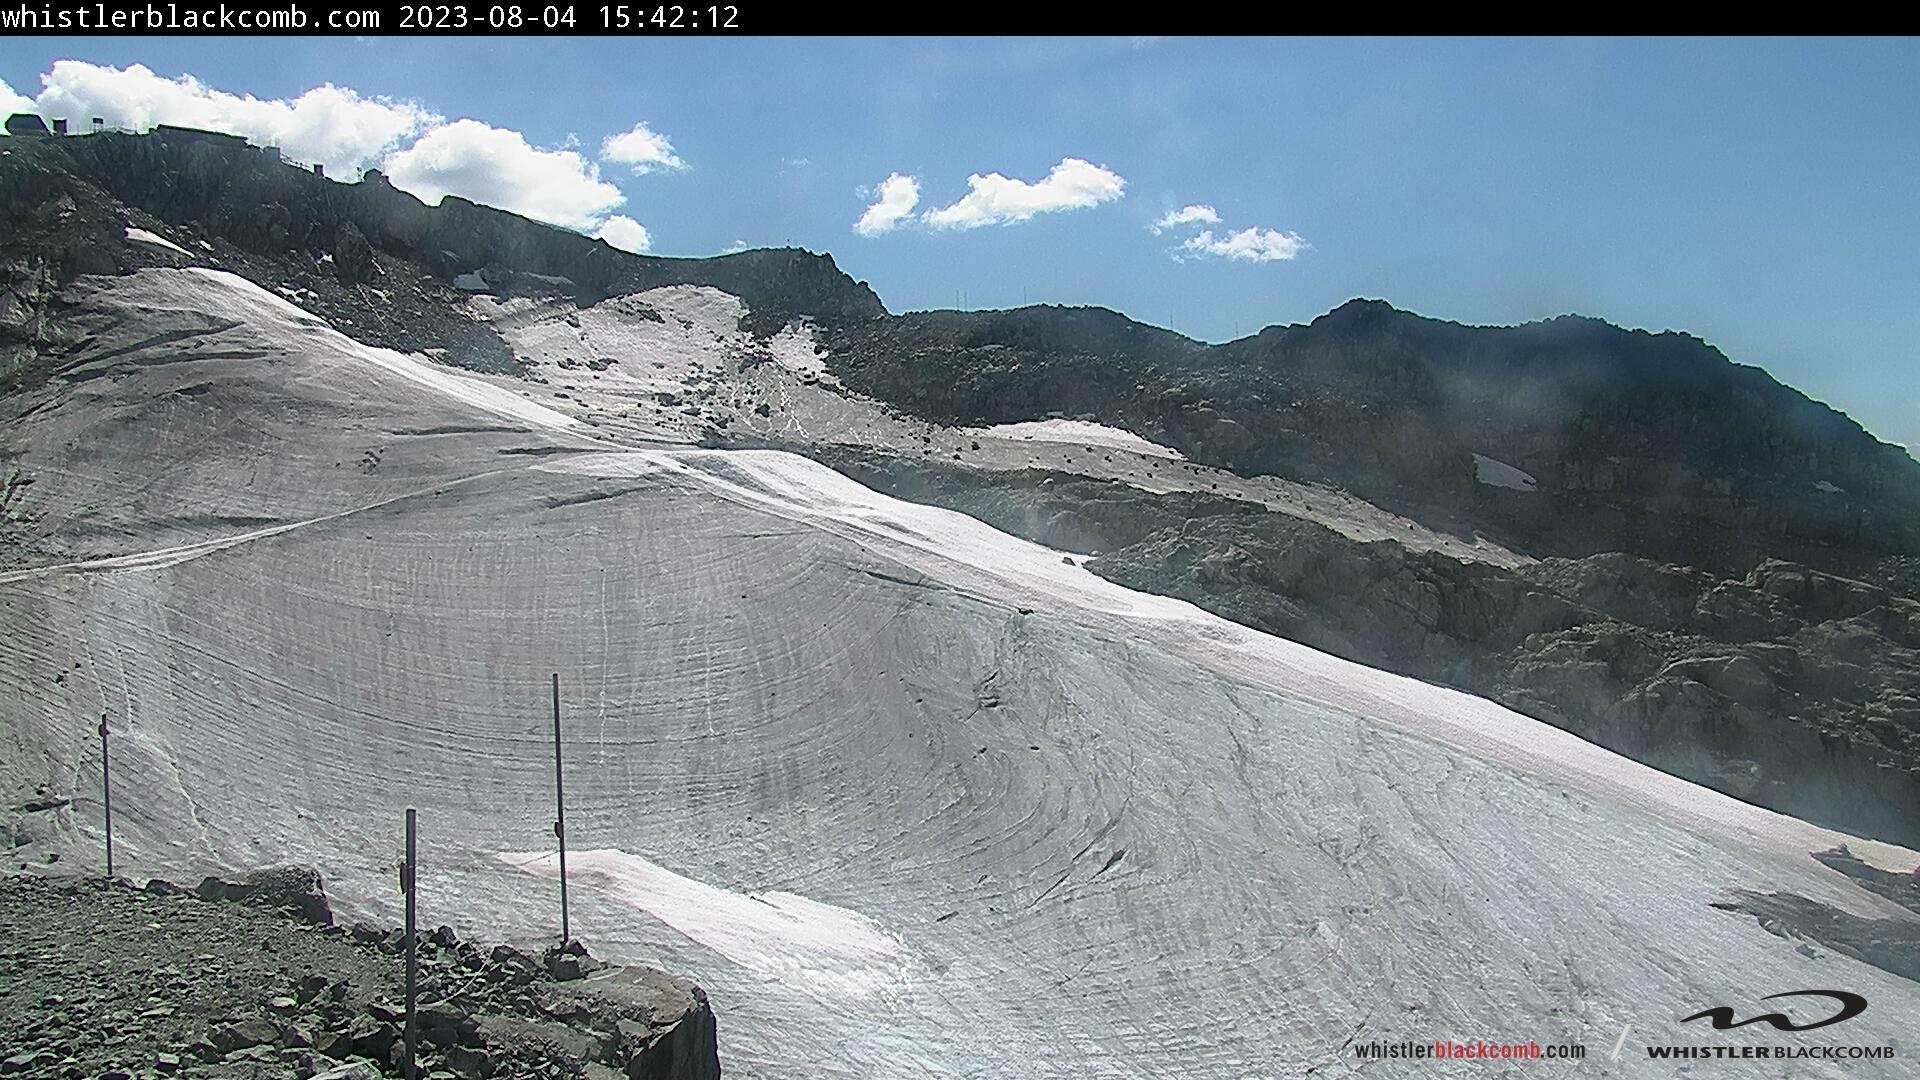 Horstman Glacier - Top